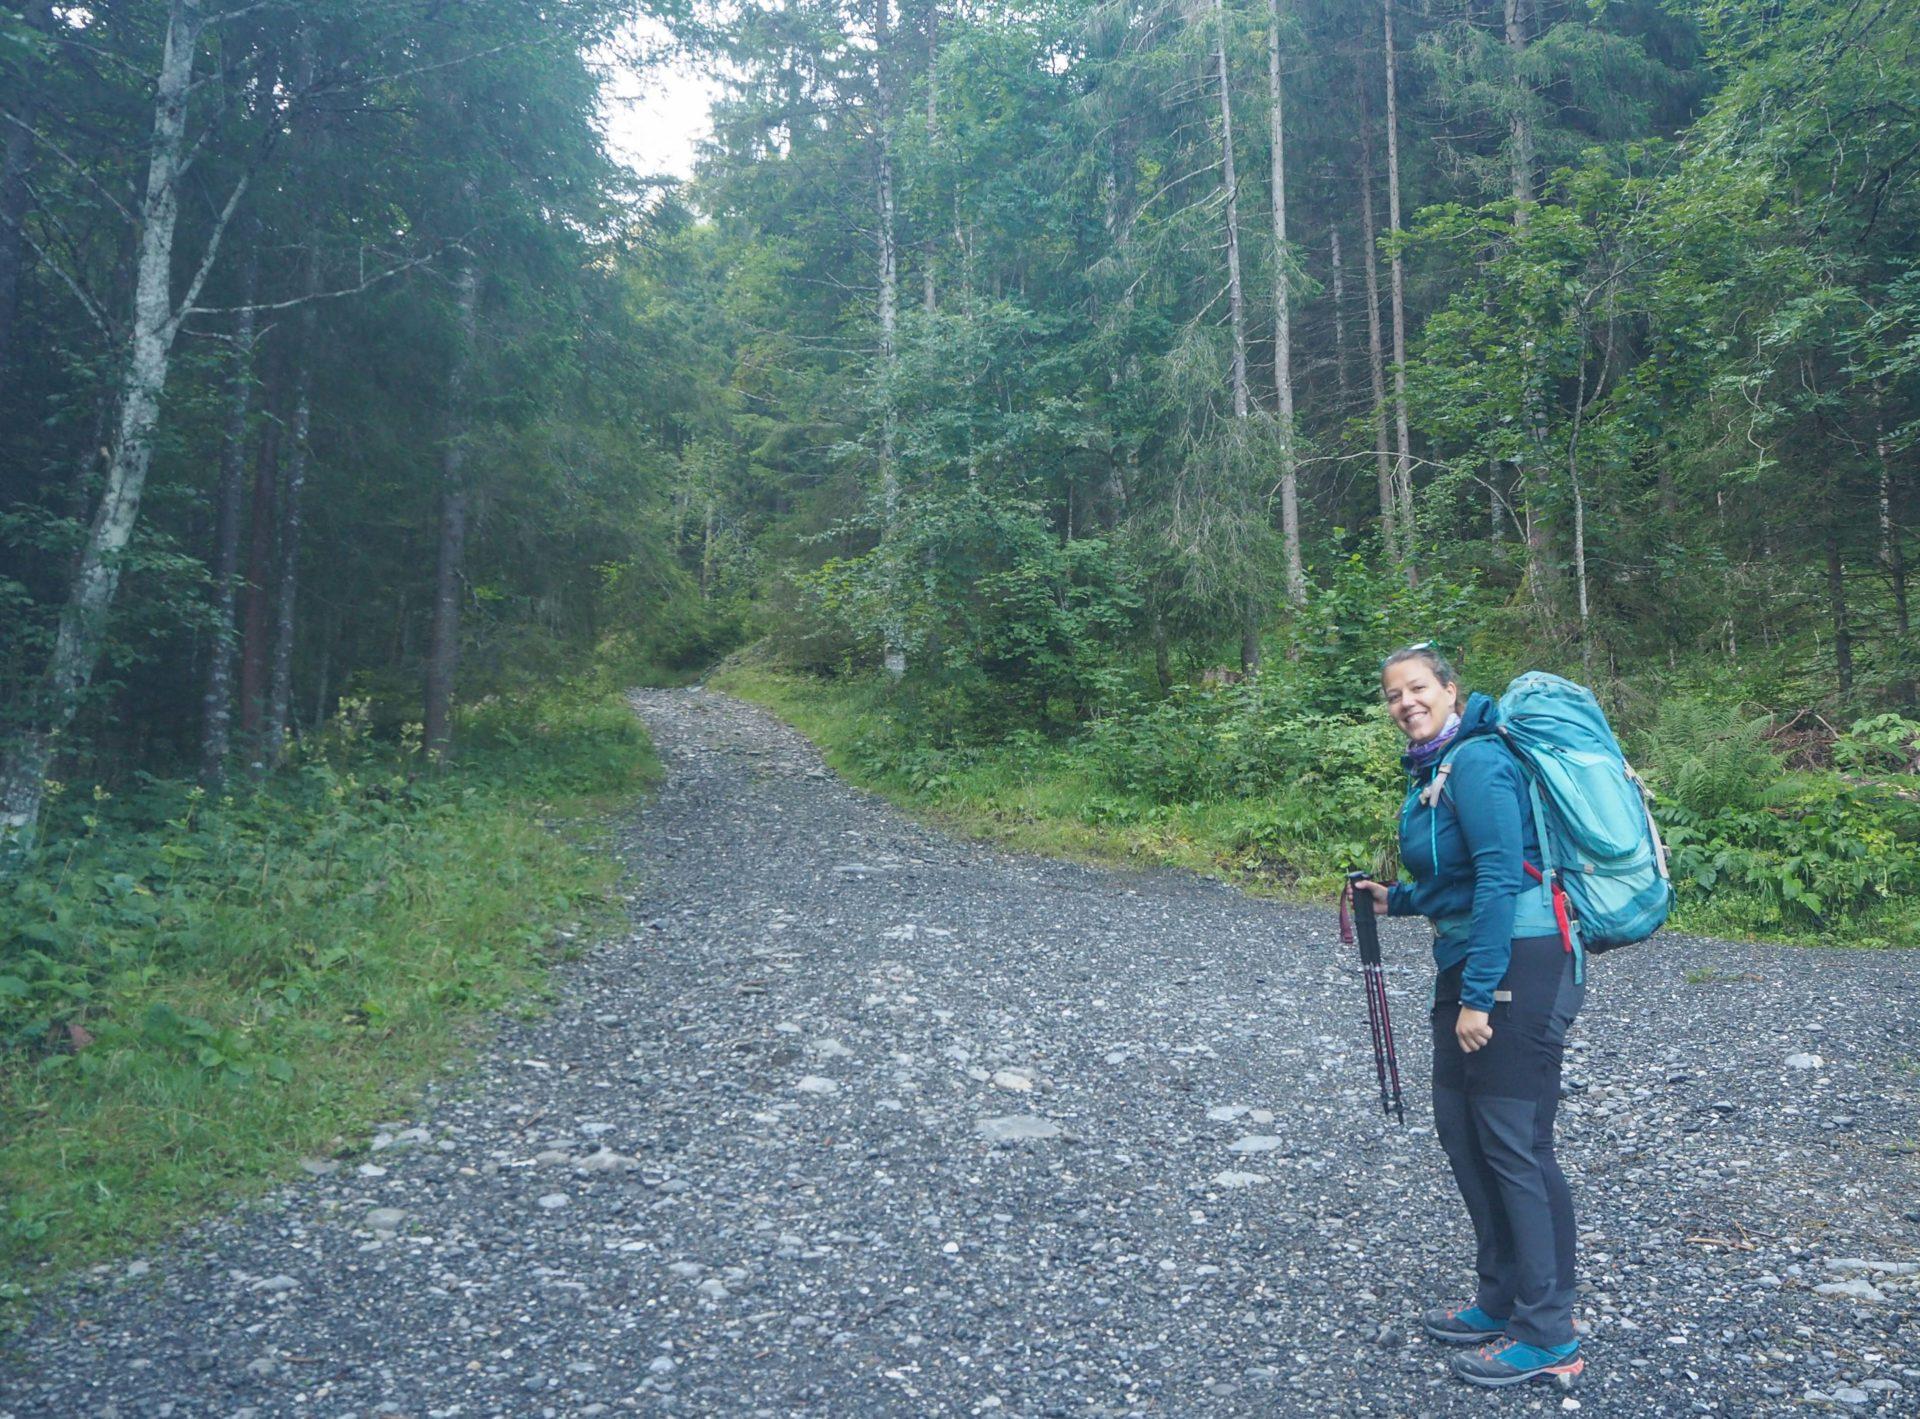 Avant de commencer le trek en solo - Jour 1 du Tour des Dents du Midi - Faire un trek en solo en Suisse: réflexions, préparatifs, introspection, récupération et bilan